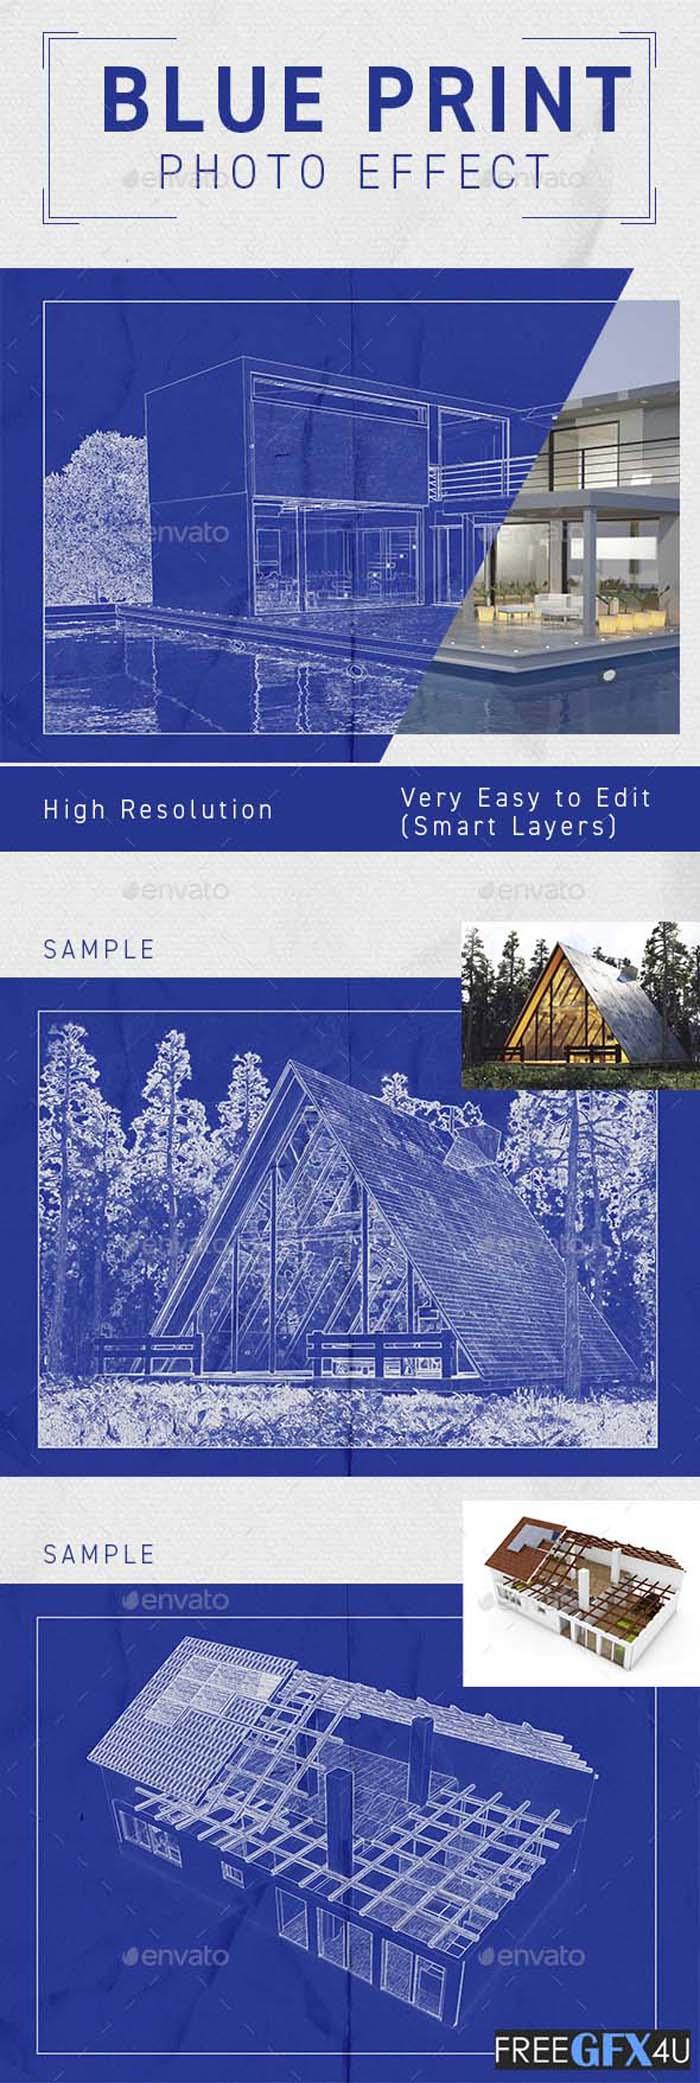 Architect Blueprint Photo Effect